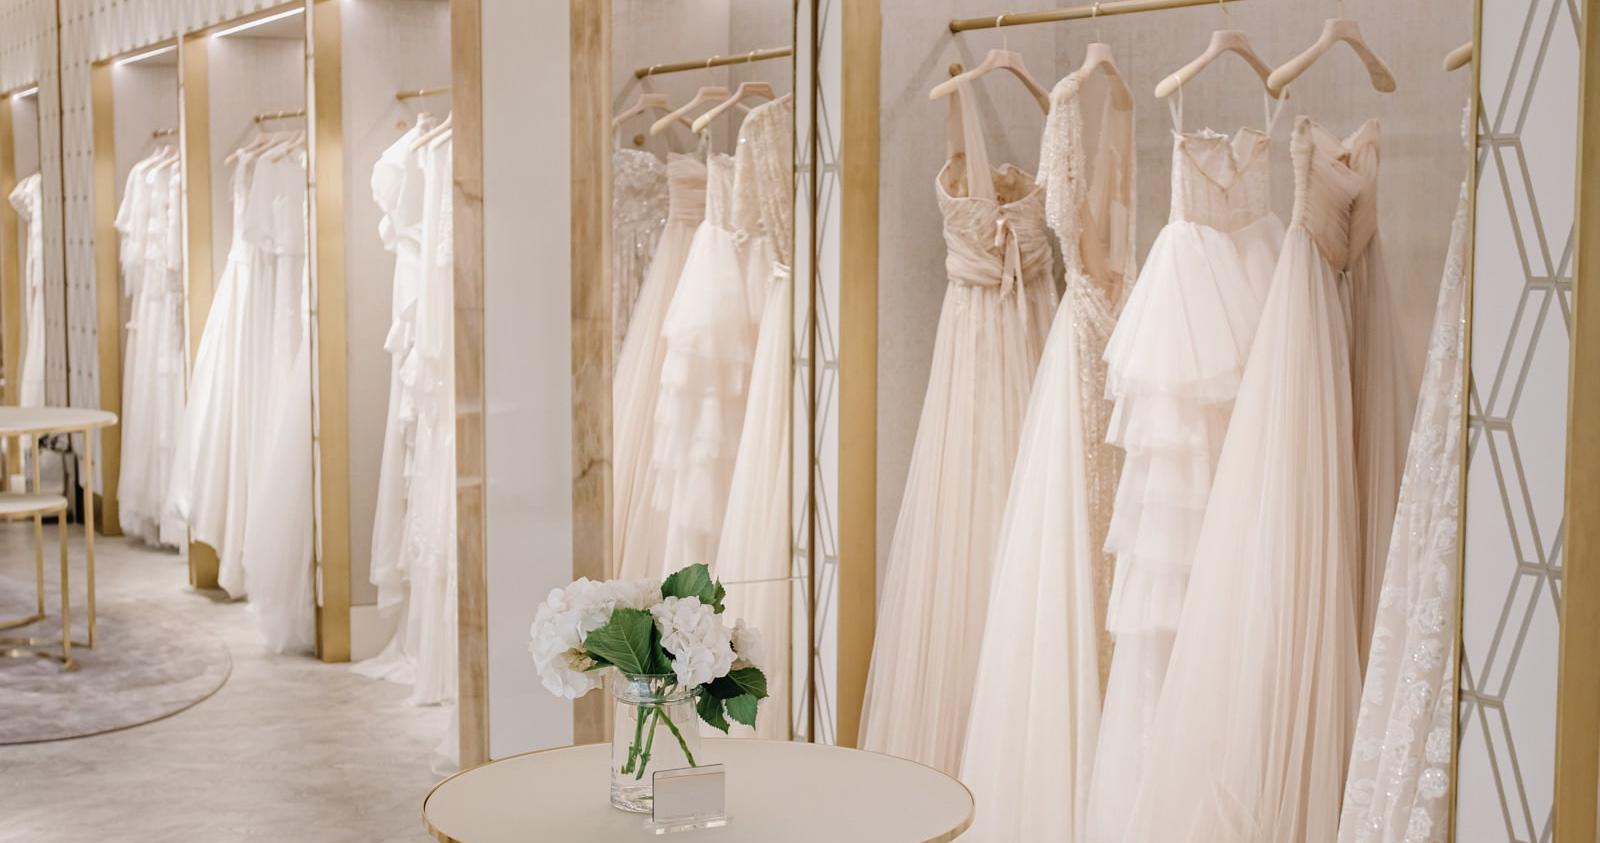 Как подготовиться к примерке свадебного платья: 6